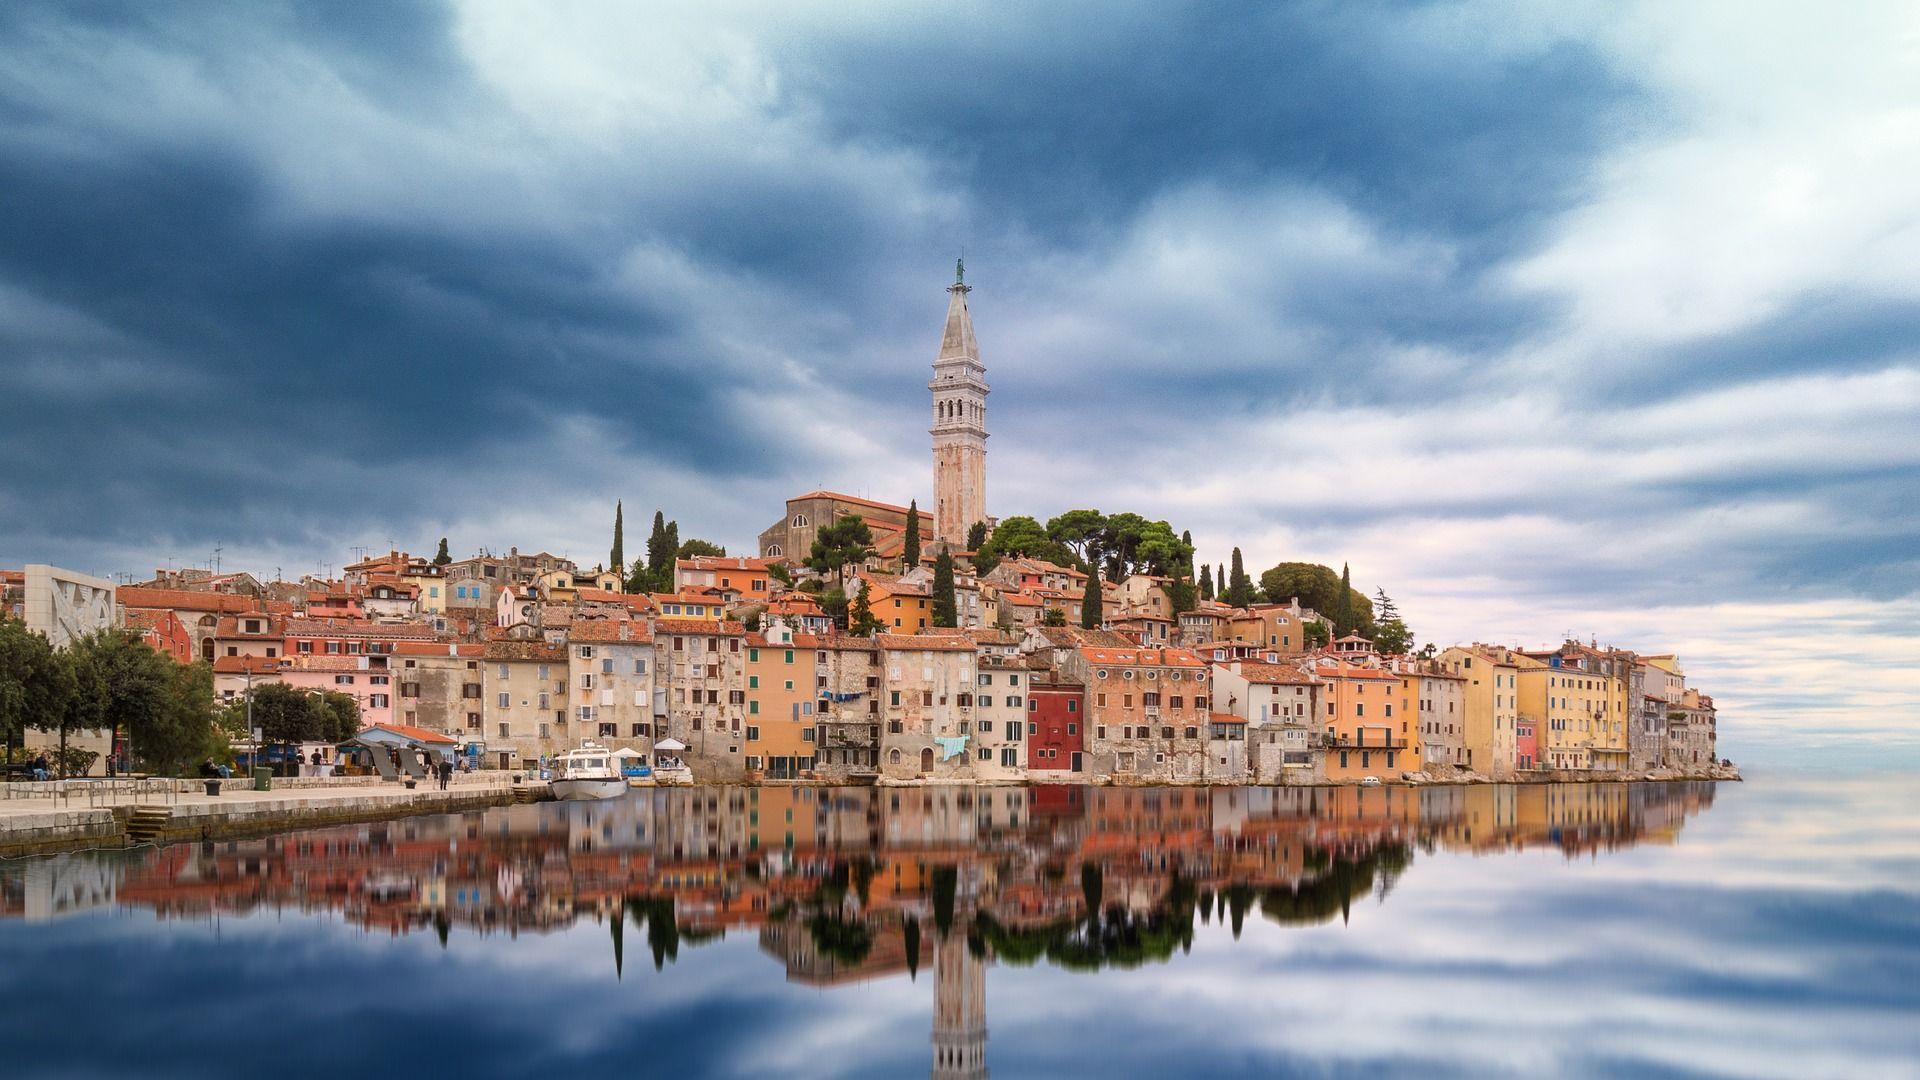 Turismo: la primera ciudad del Top 10 de los mejores destinos en Europa